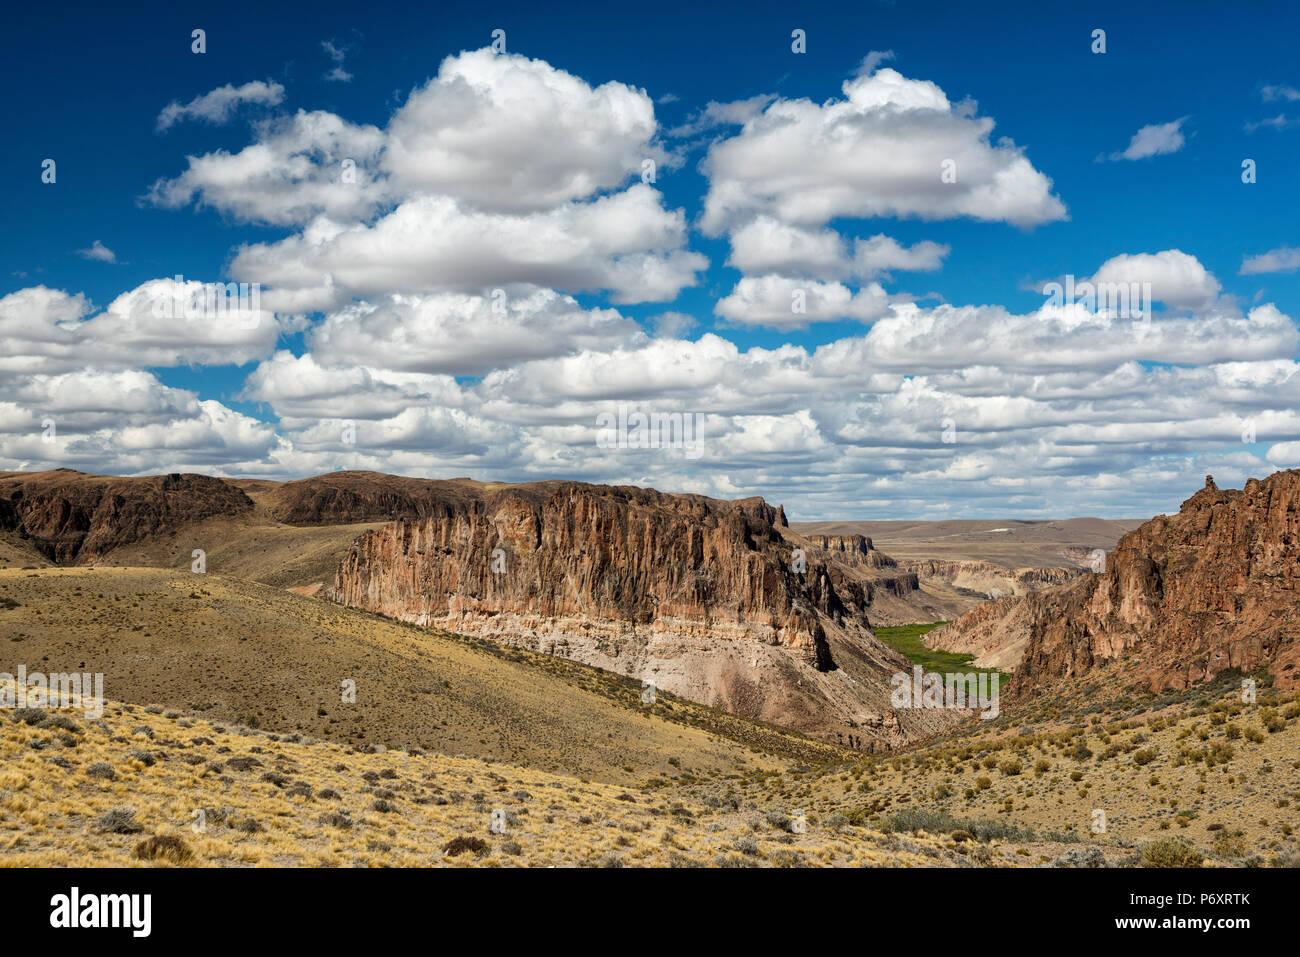 América del Sur, Argentina, Santa Cruz, Patagonia, Cueva de los Maos paisaje Imagen De Stock